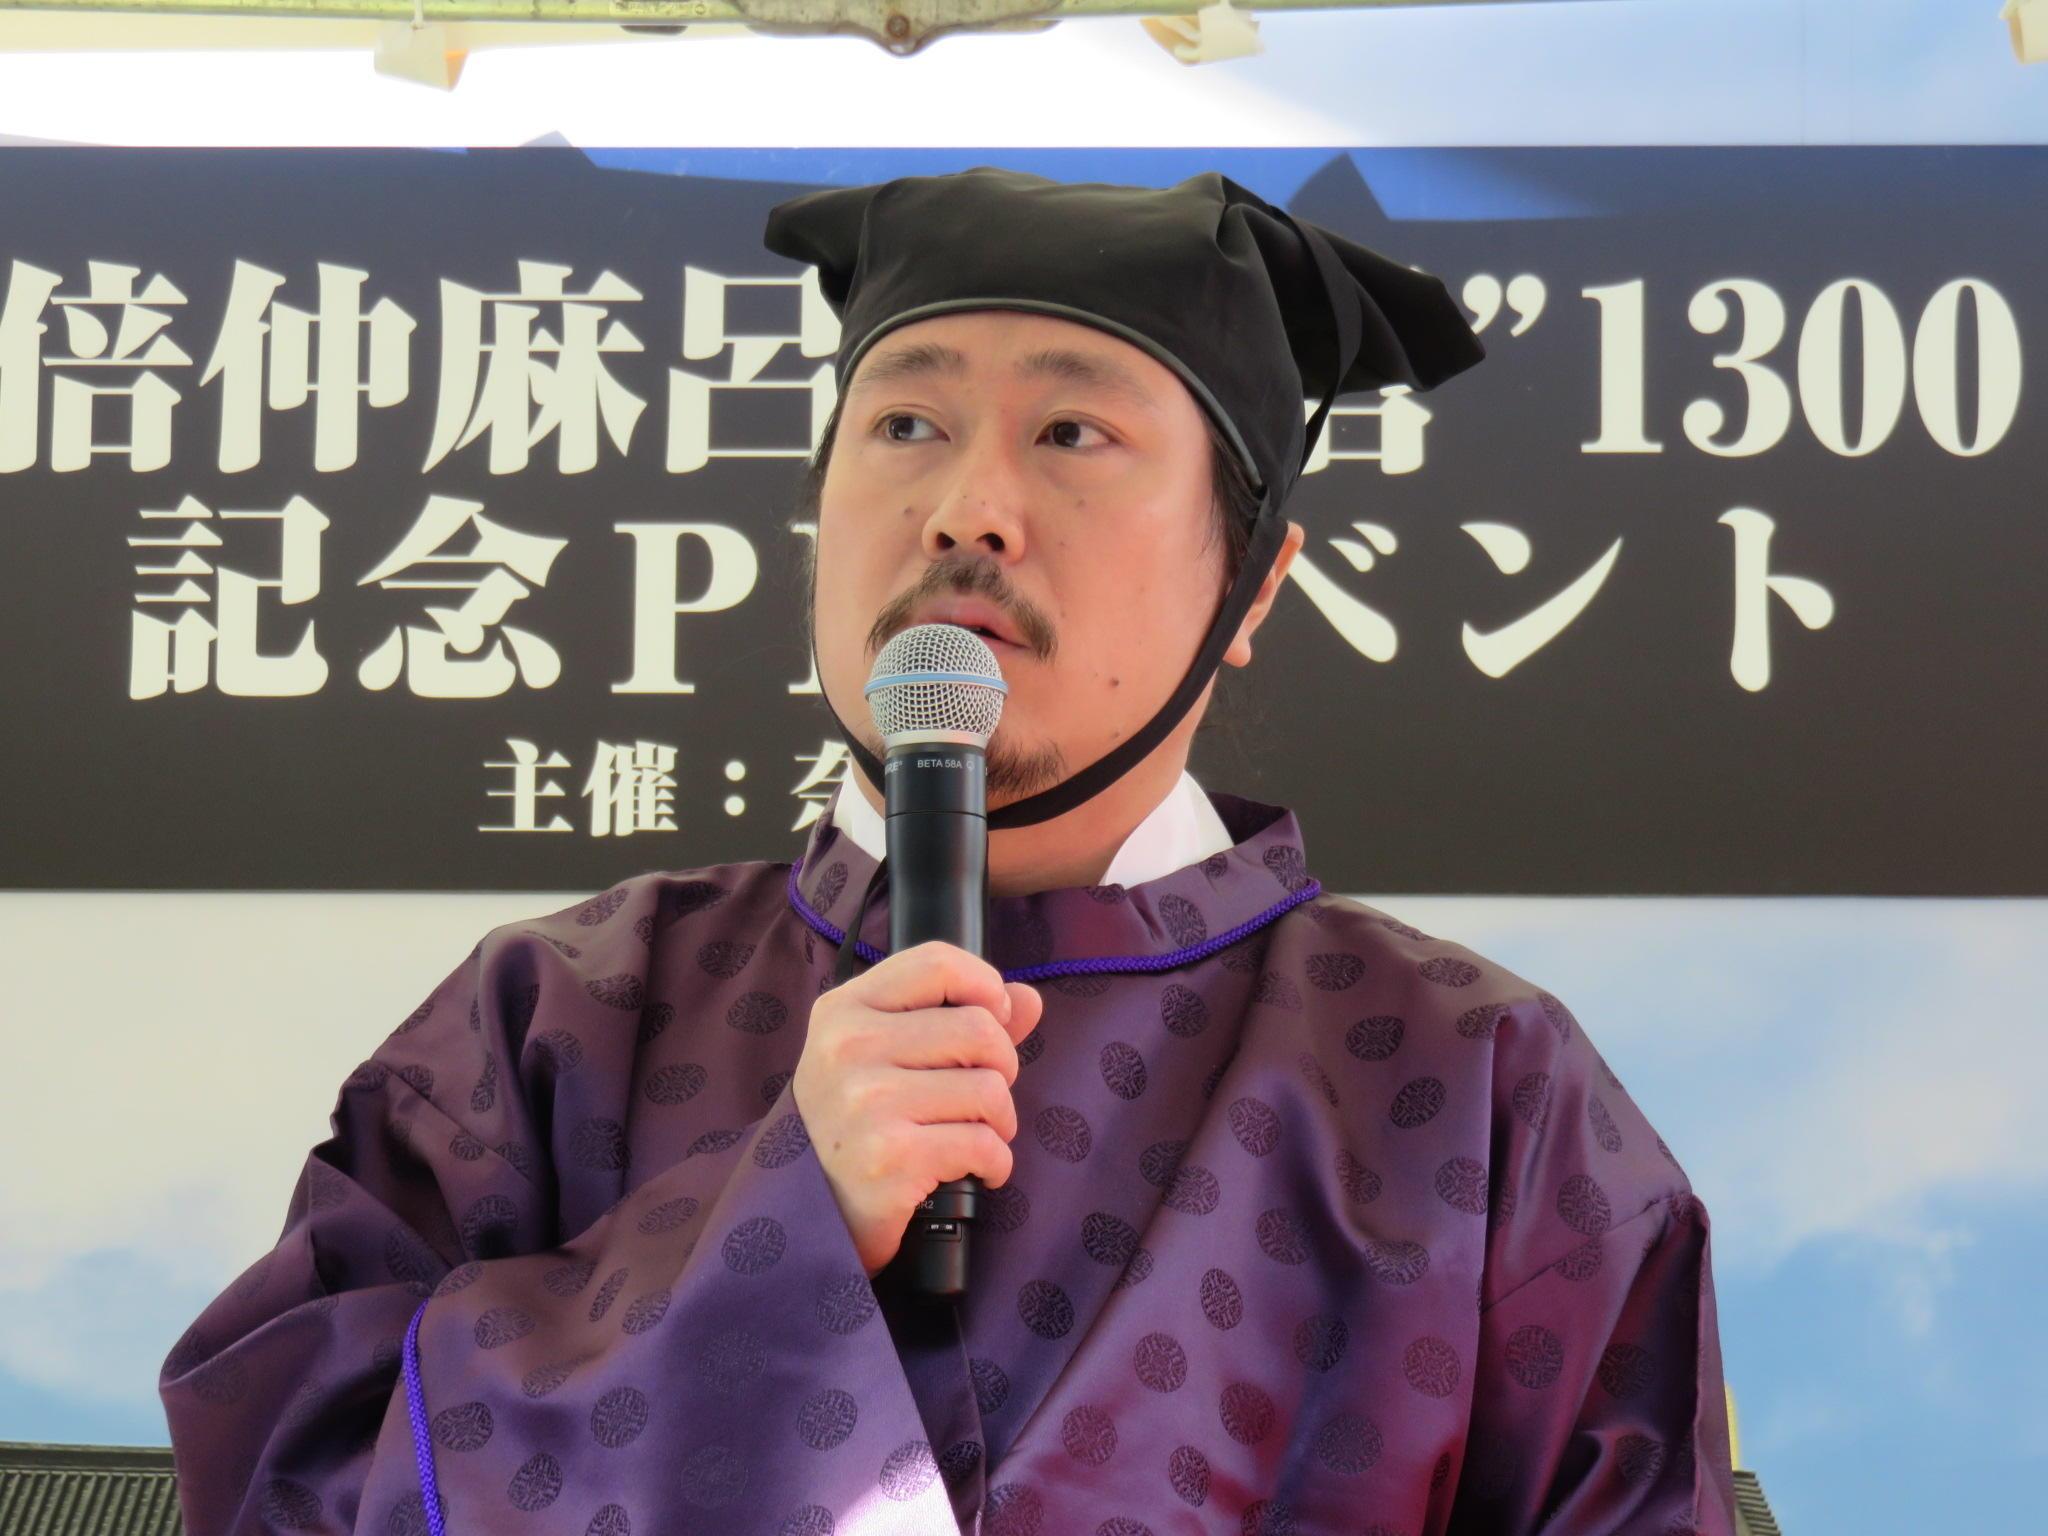 http://news.yoshimoto.co.jp/20170320220503-78cba579795a29288a4e67177c7de03df9d4b269.jpg